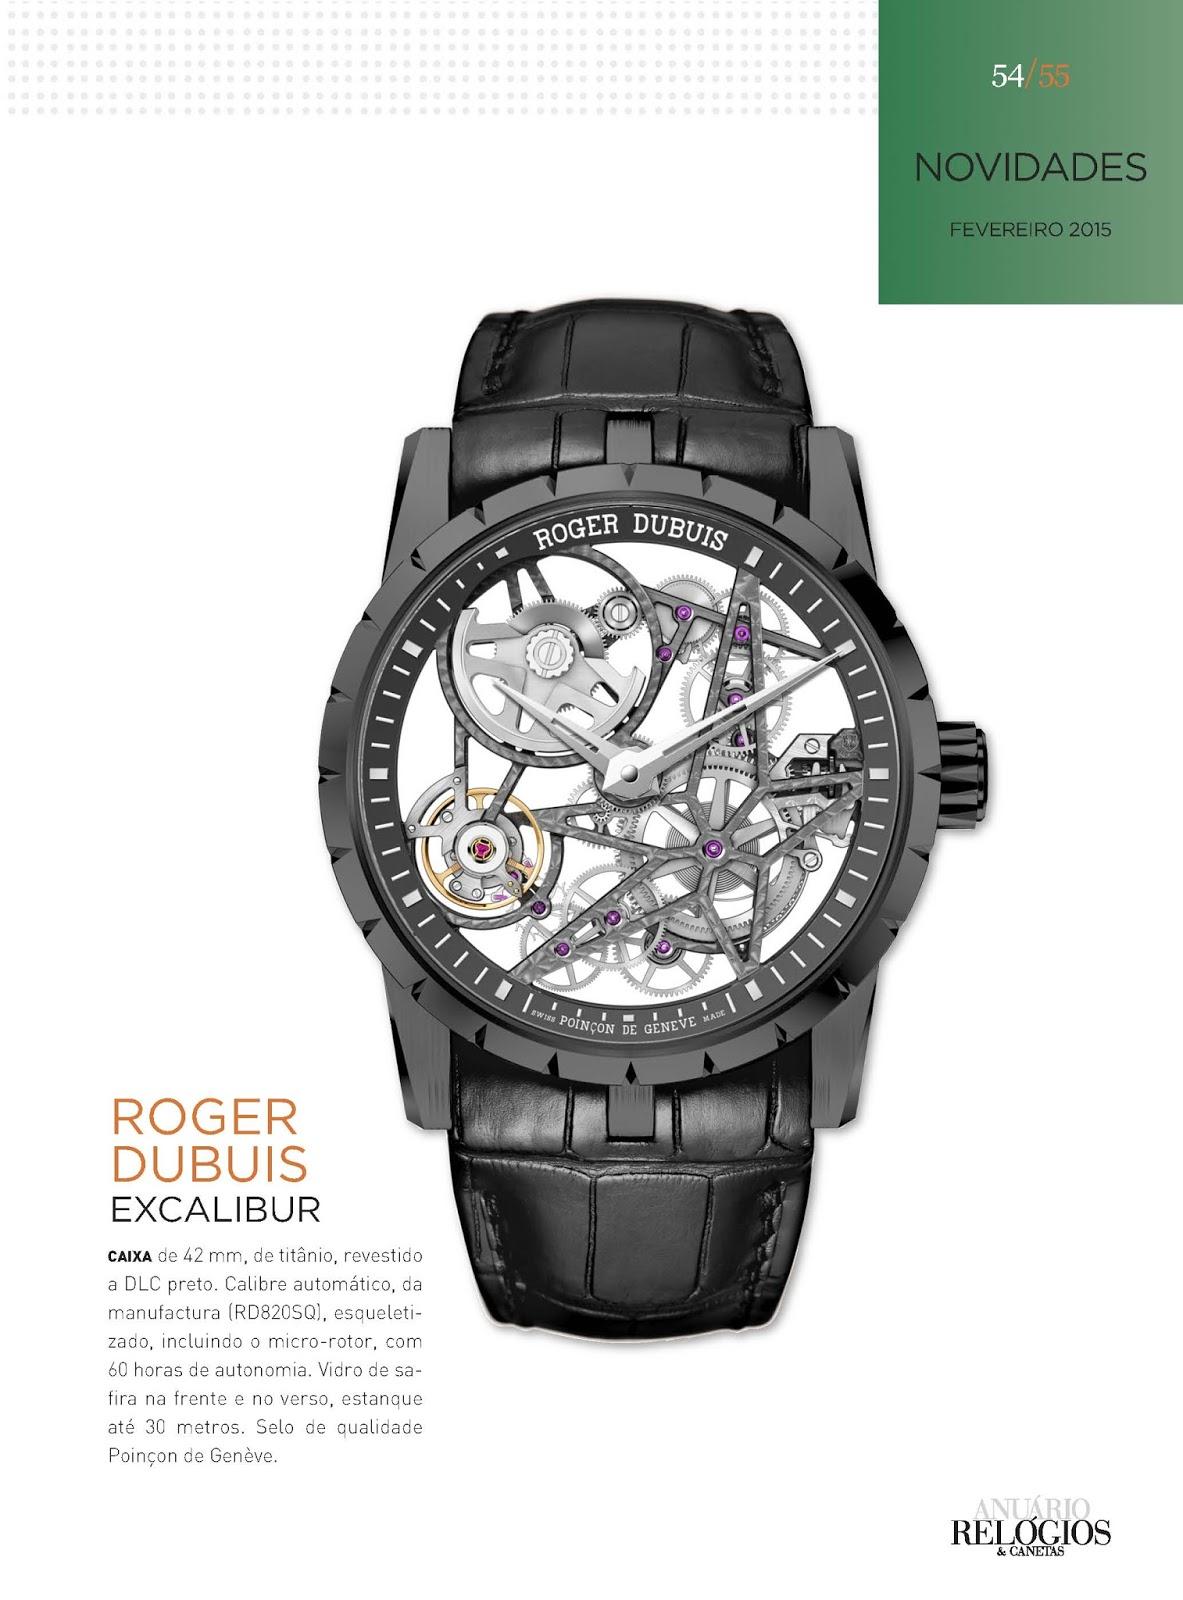 cbac685f5df Relógios   Canetas online - relógio Roger Dubuis Excalibur Esqueleto